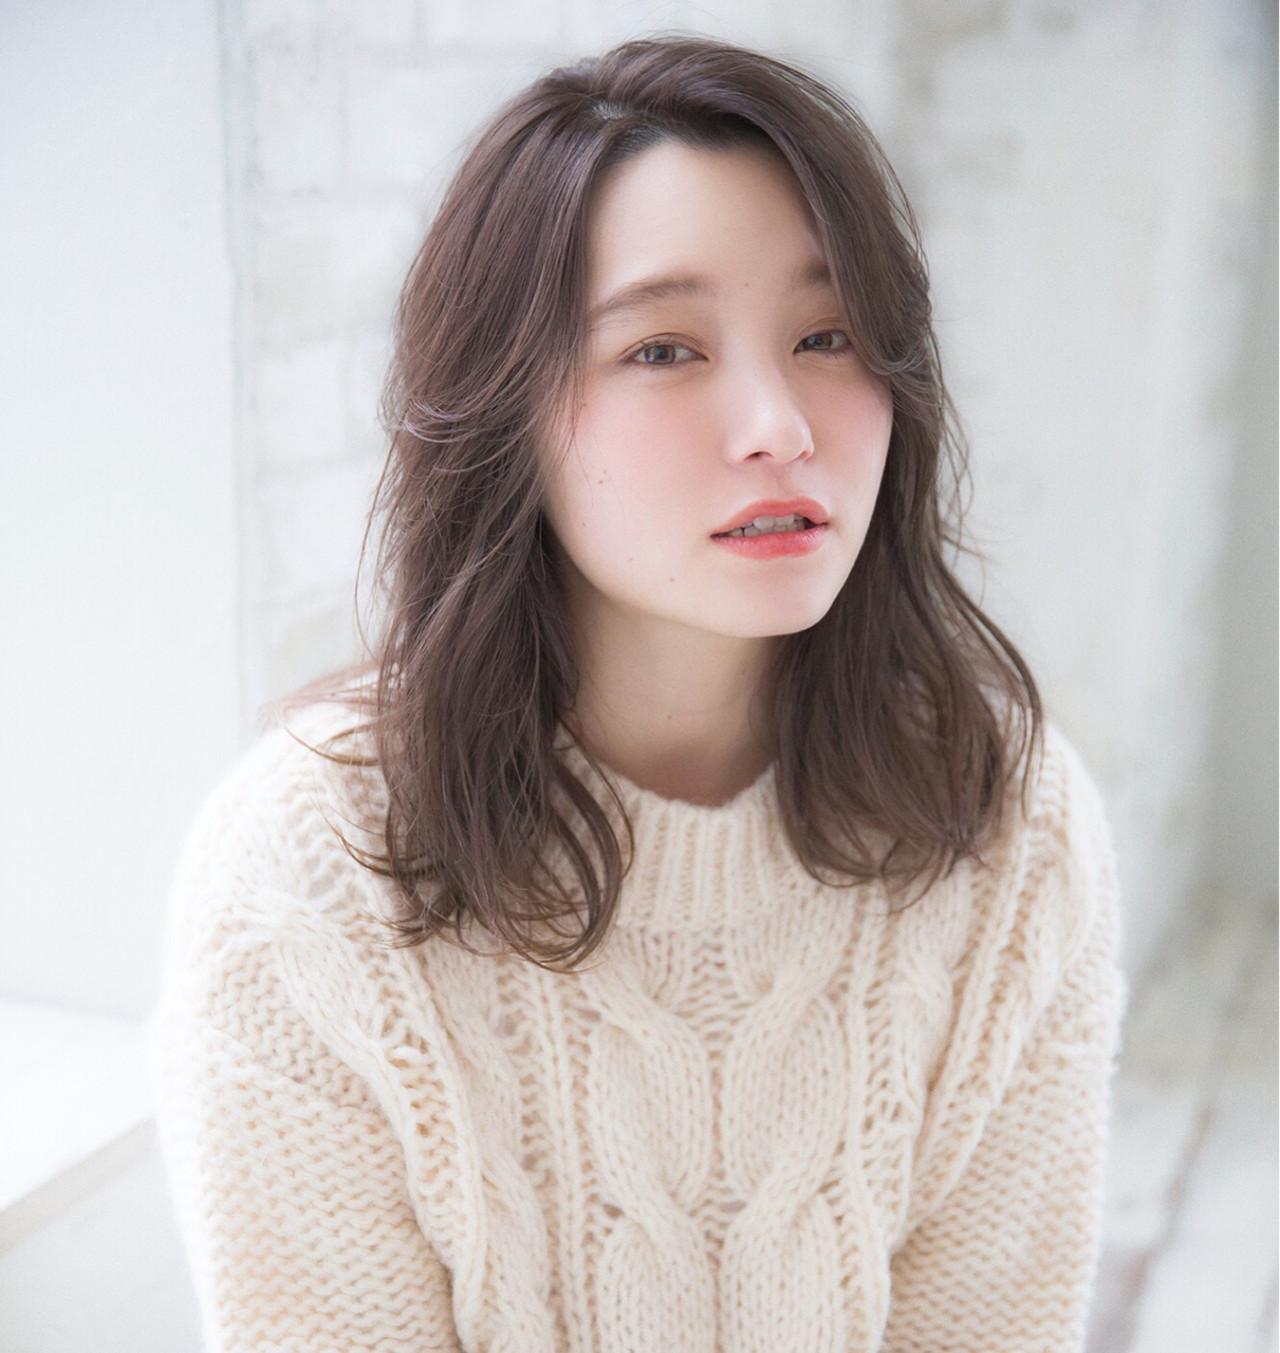 こなれ感満点♡モテ髪おしゃれなミディアムヘア joemi by unami 森千里